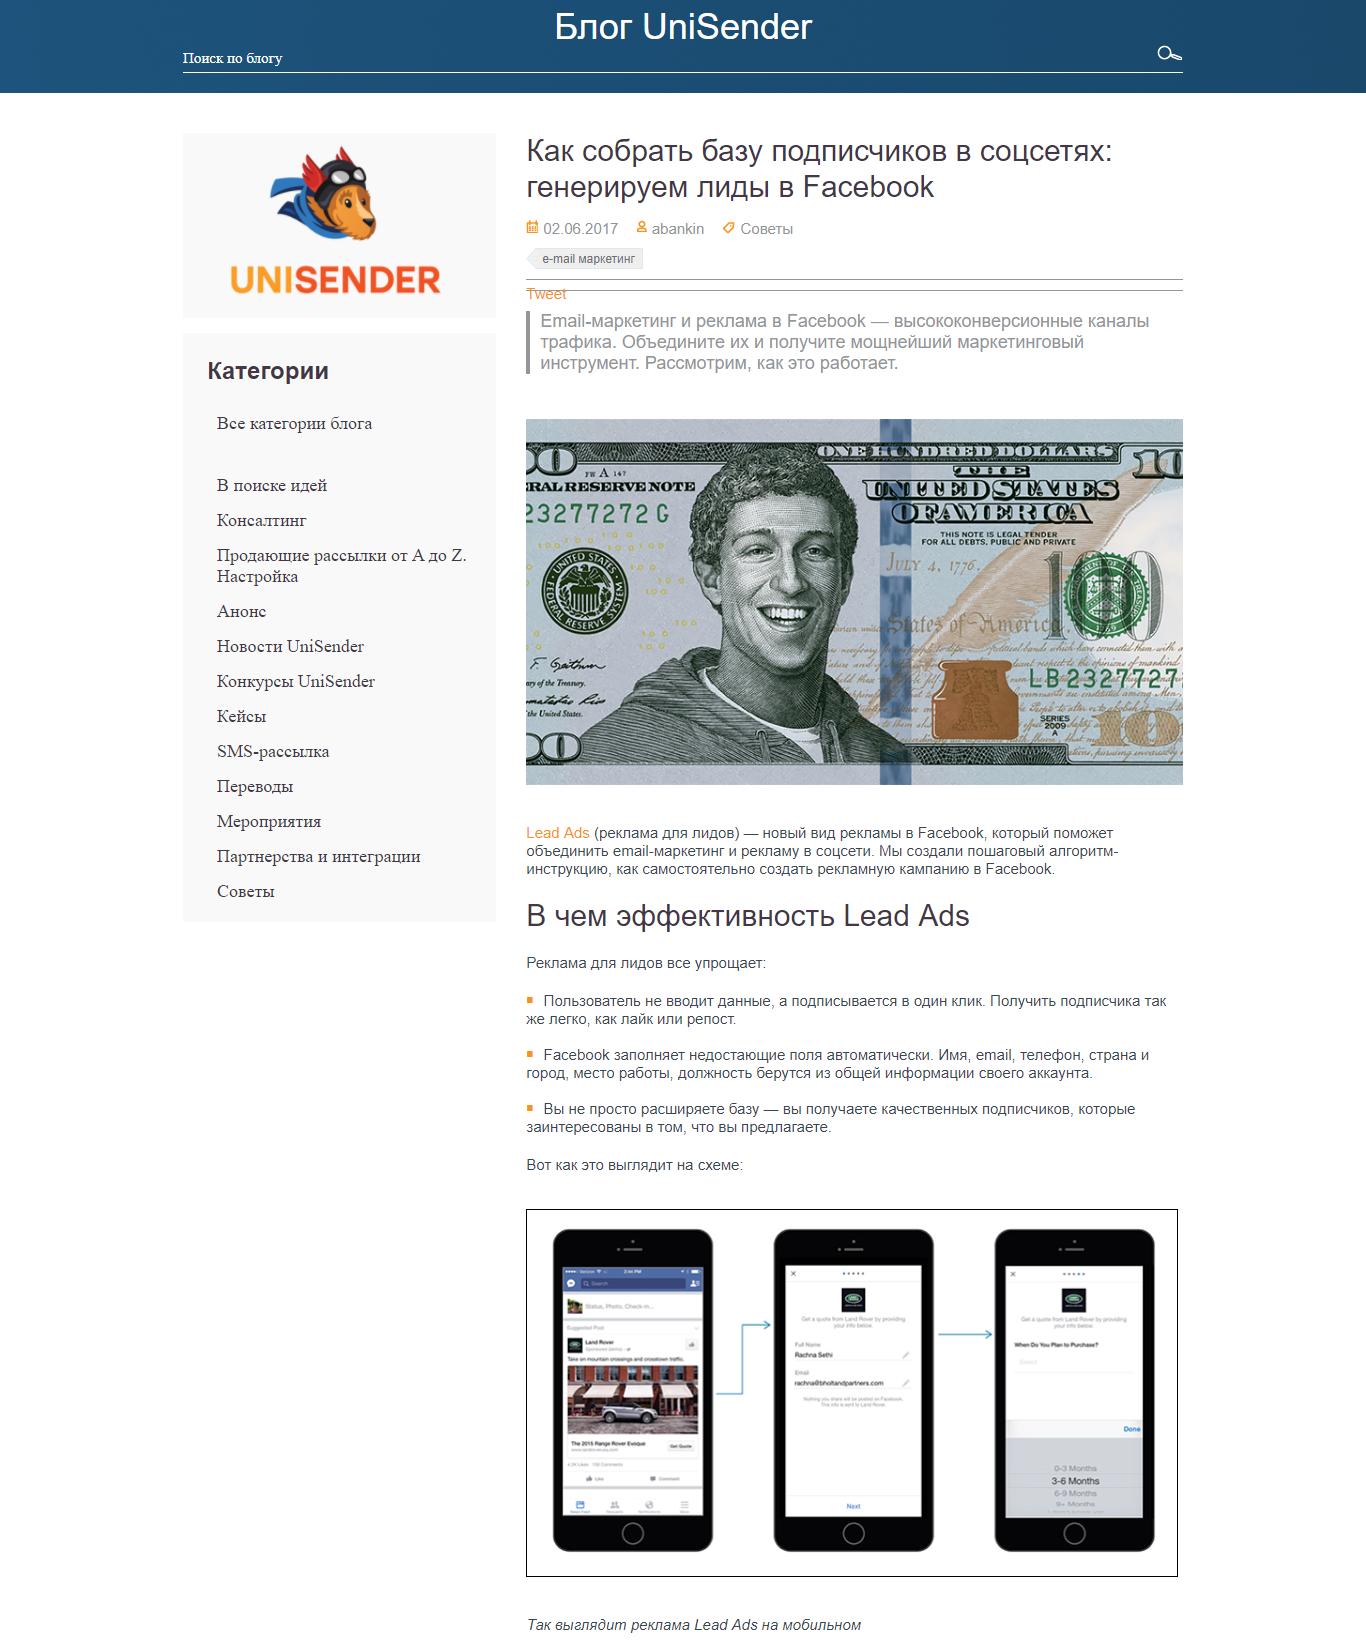 Страница публикации до редизайна блога UniSender